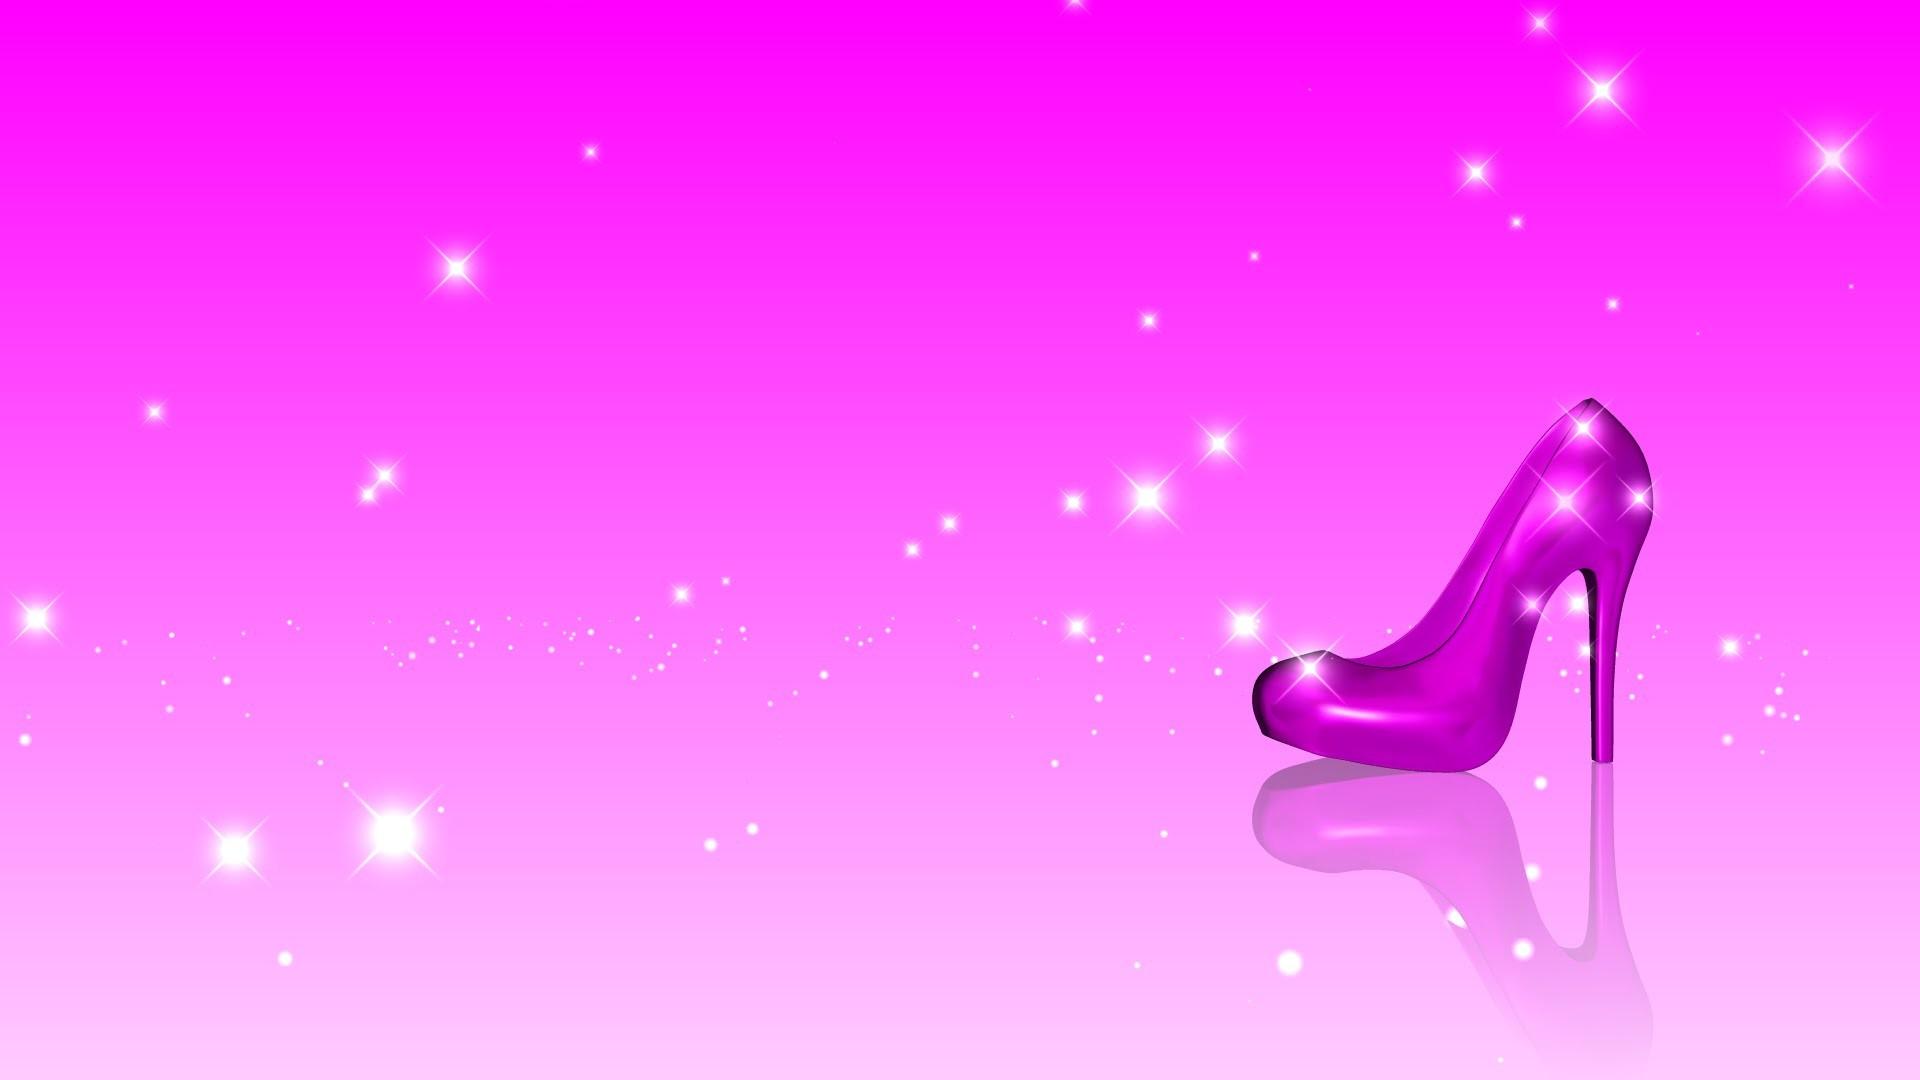 Fashion Princess shoes РVideo Background de Quincea̱era